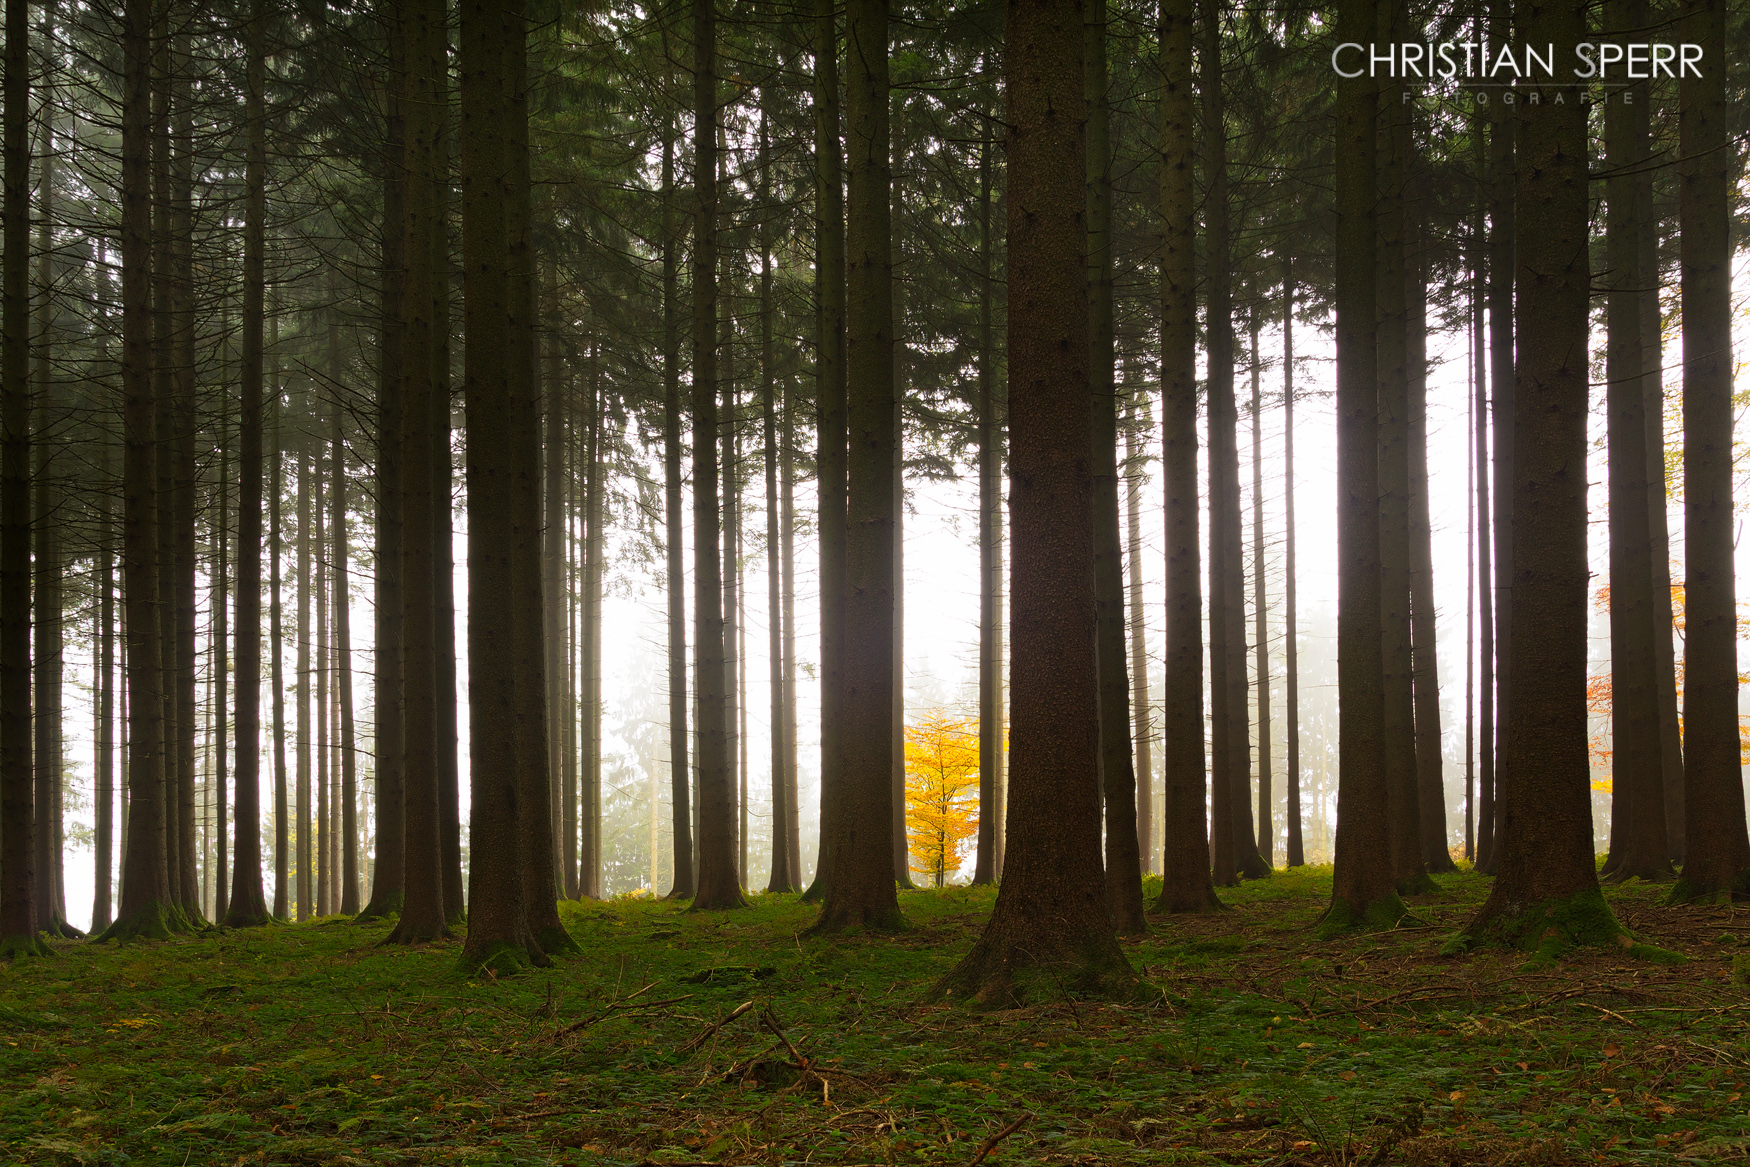 sperr-landscapes-01-10